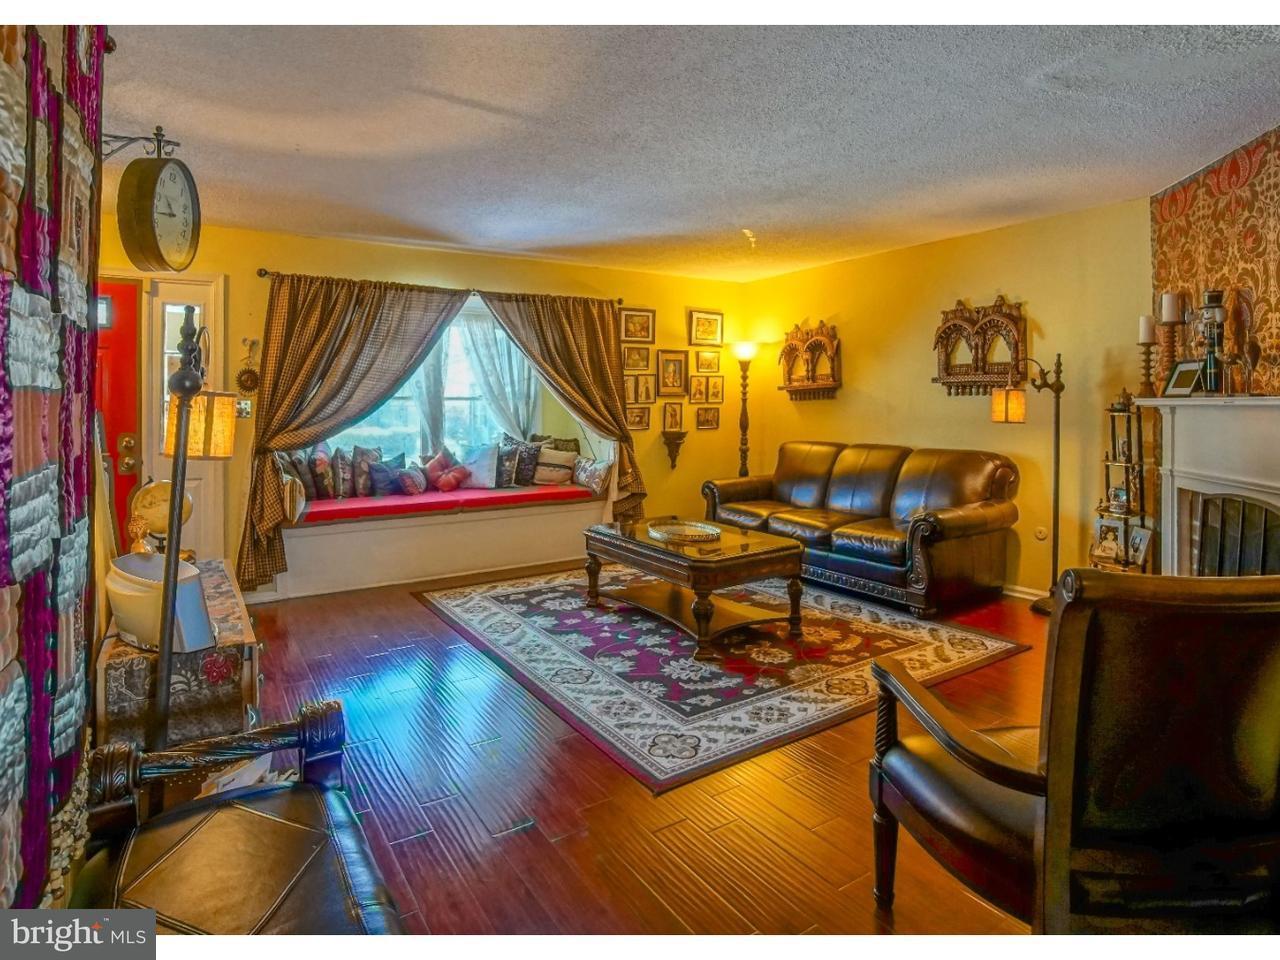 Casa unifamiliar adosada (Townhouse) por un Venta en 17J SHIRLEY Lane Lawrenceville, Nueva Jersey 08648 Estados UnidosEn/Alrededor: Lawrence Township